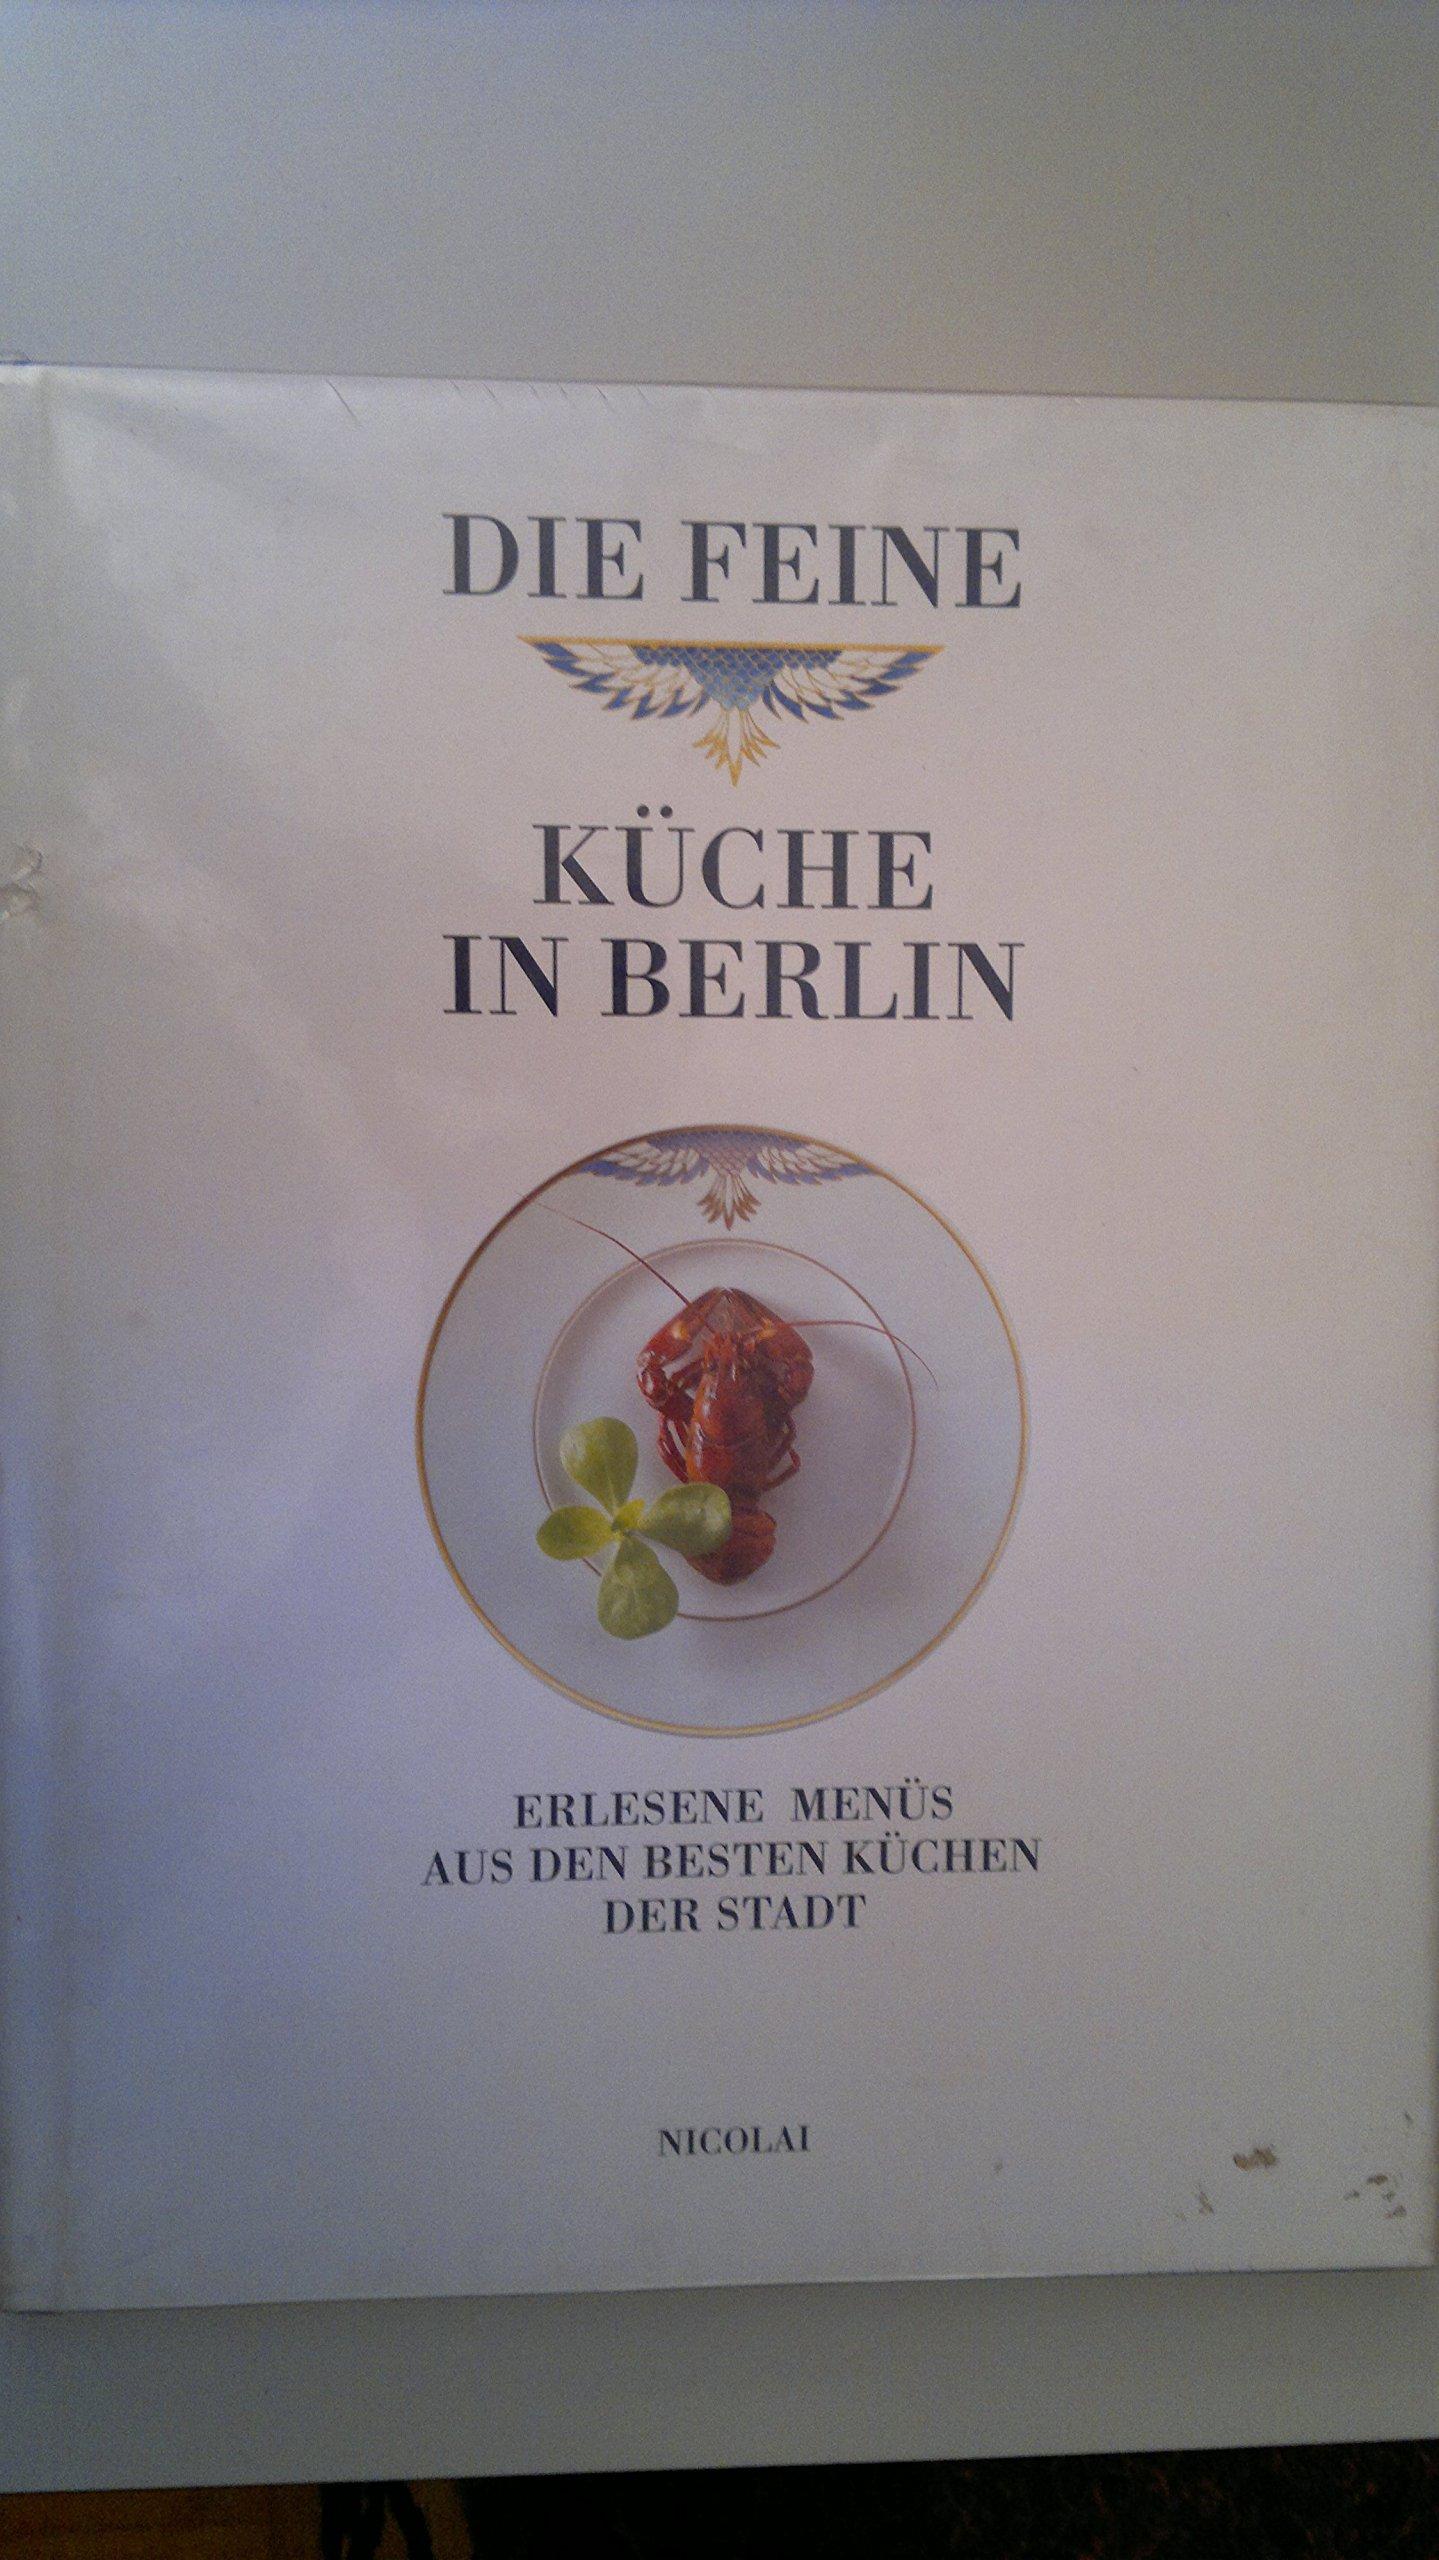 Atemberaubend Stadt Küche Menü Fotos - Küchenschrank Ideen ...